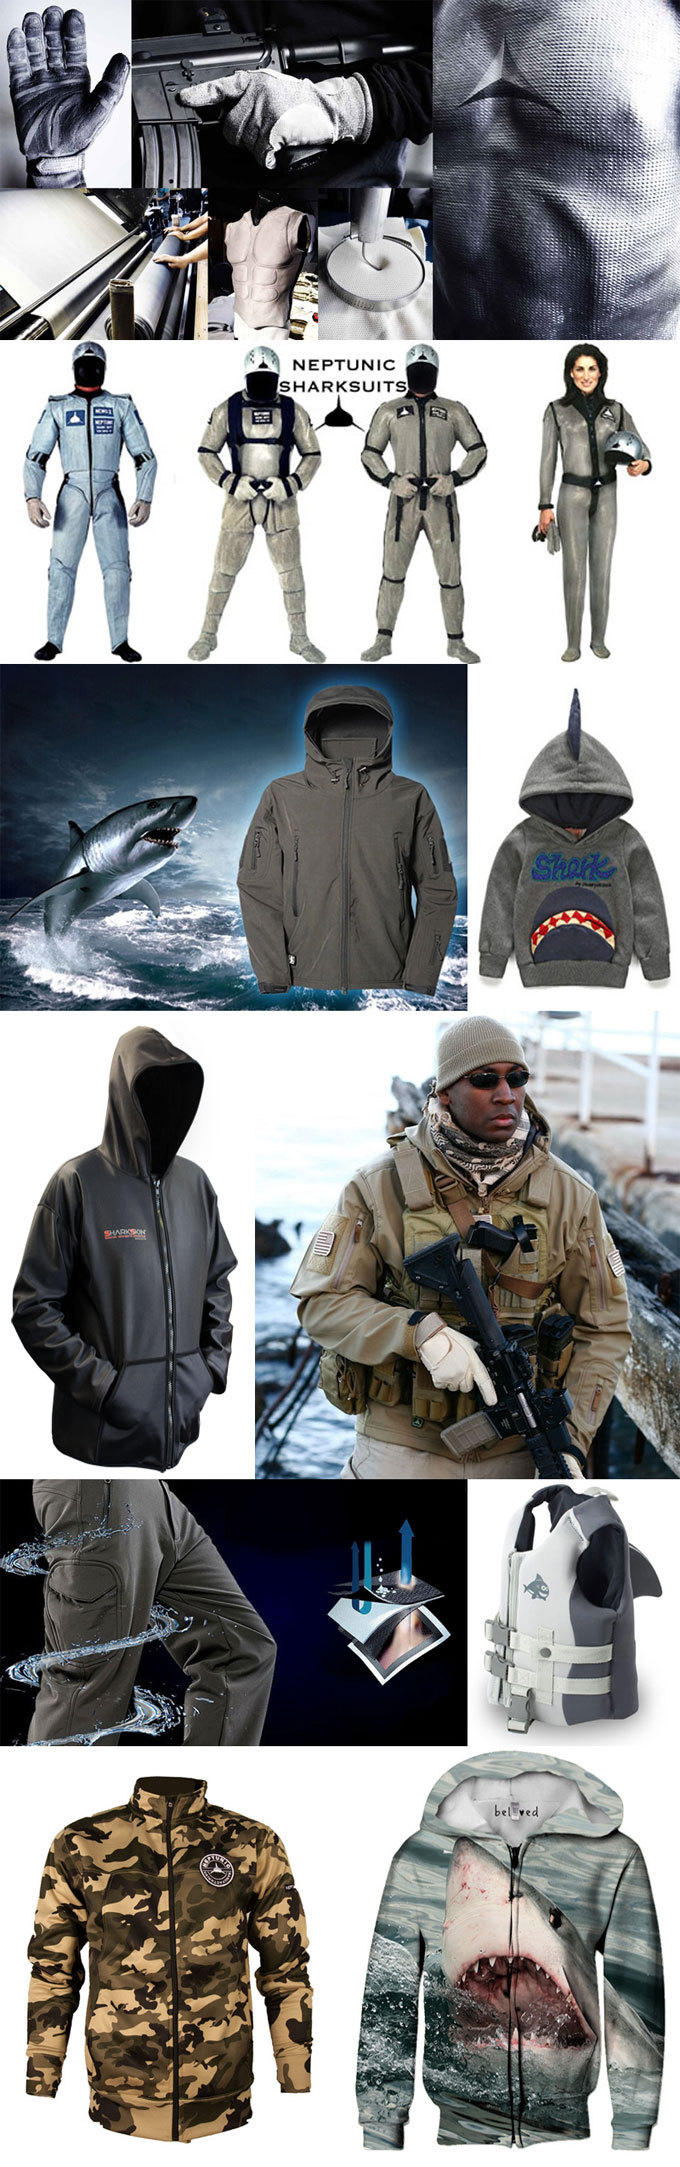 Фотографии спецодежды - куртки и гидрокостюмы Акула